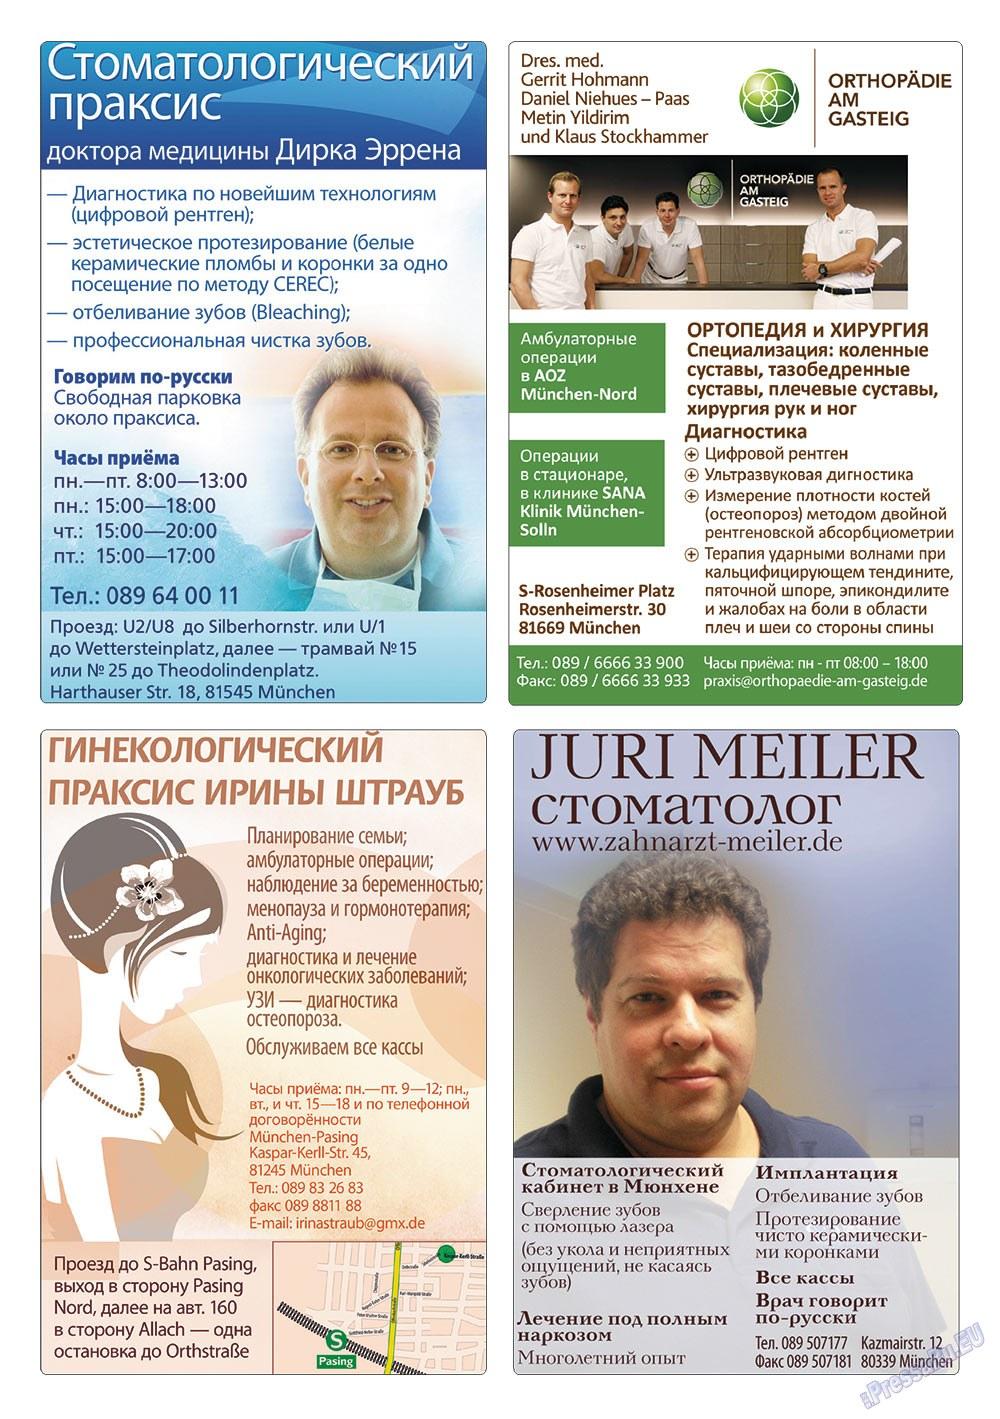 Апельсин (журнал). 2013 год, номер 43, стр. 39